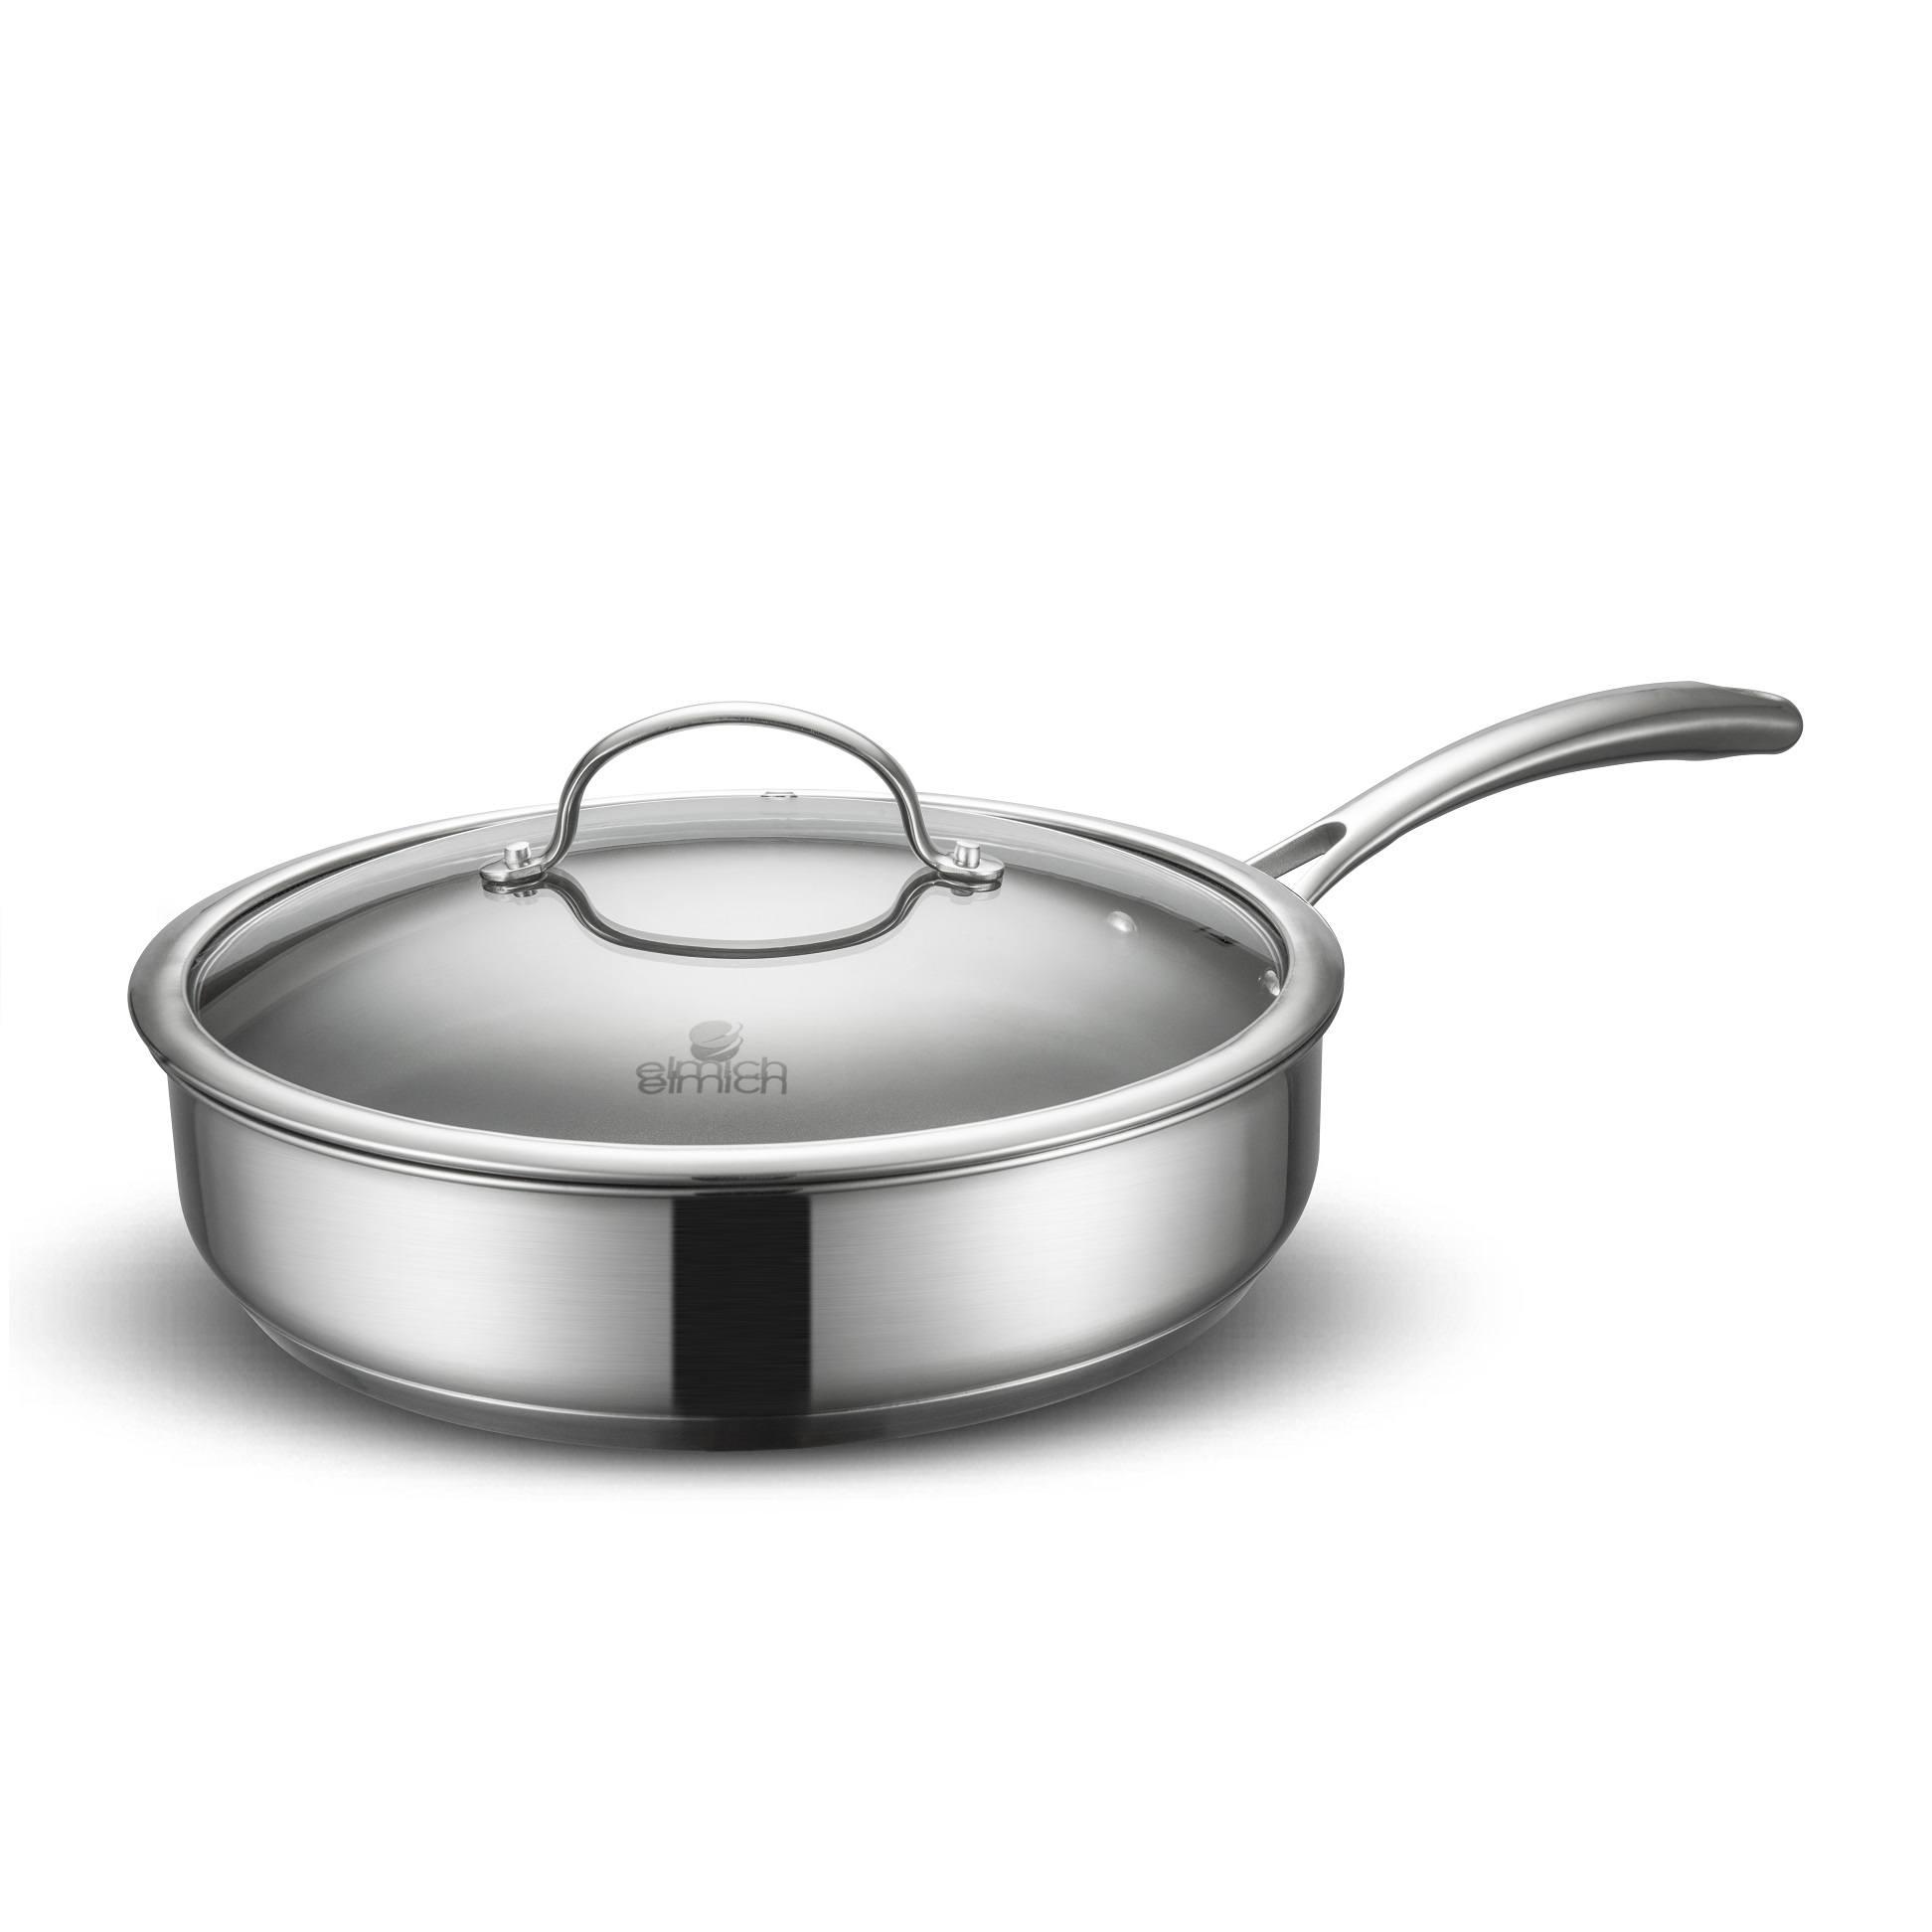 Bộ nồi chảo inox Elmich Diva EL-3246 có chảo chống dính nấu được trên mọi loại bếp